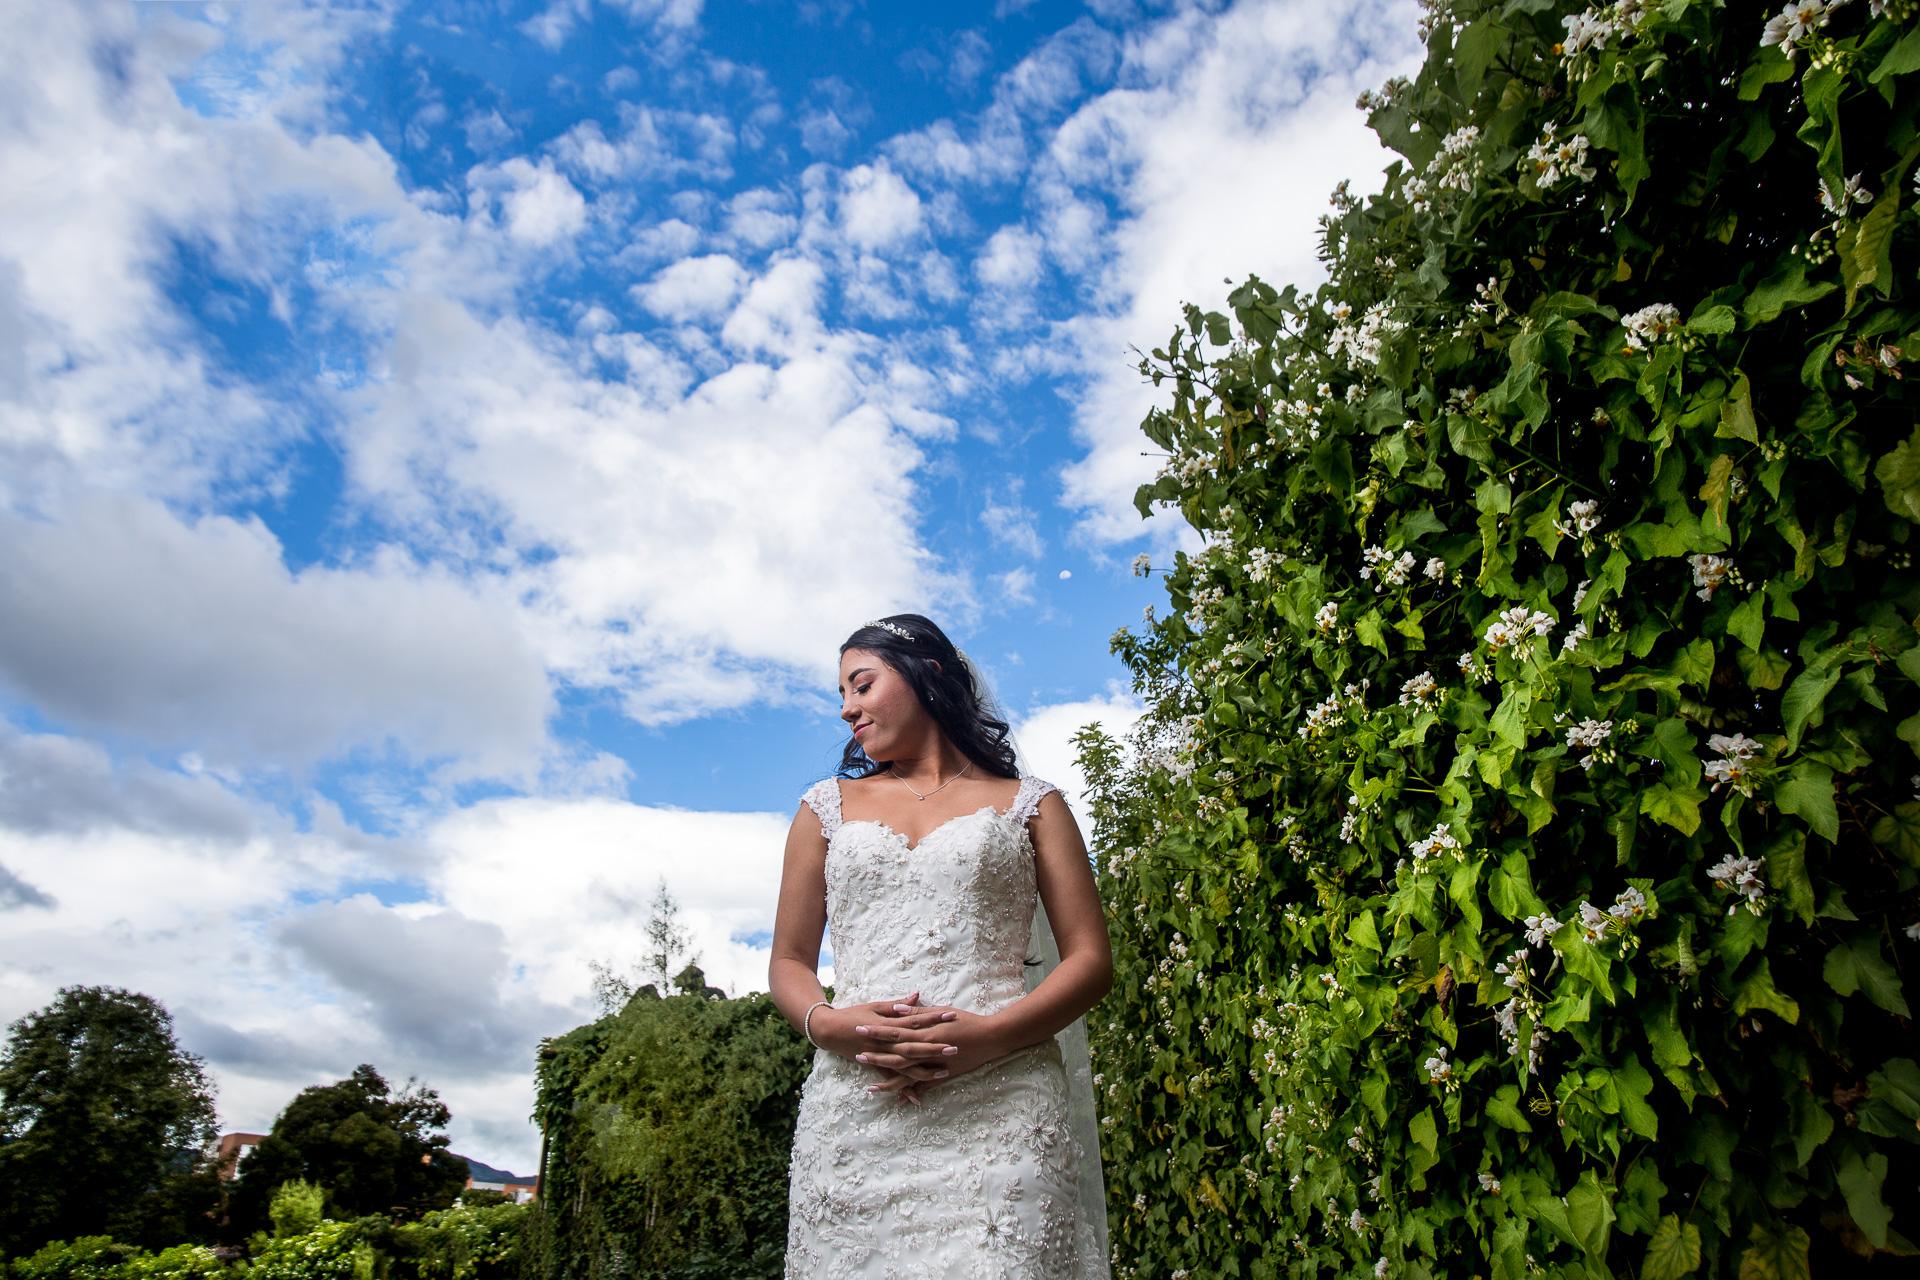 Fotógrafos-de-bodas-en-Colombia-Alejandro-y-Angelica-18 ALEJANDRO + ANGELICA